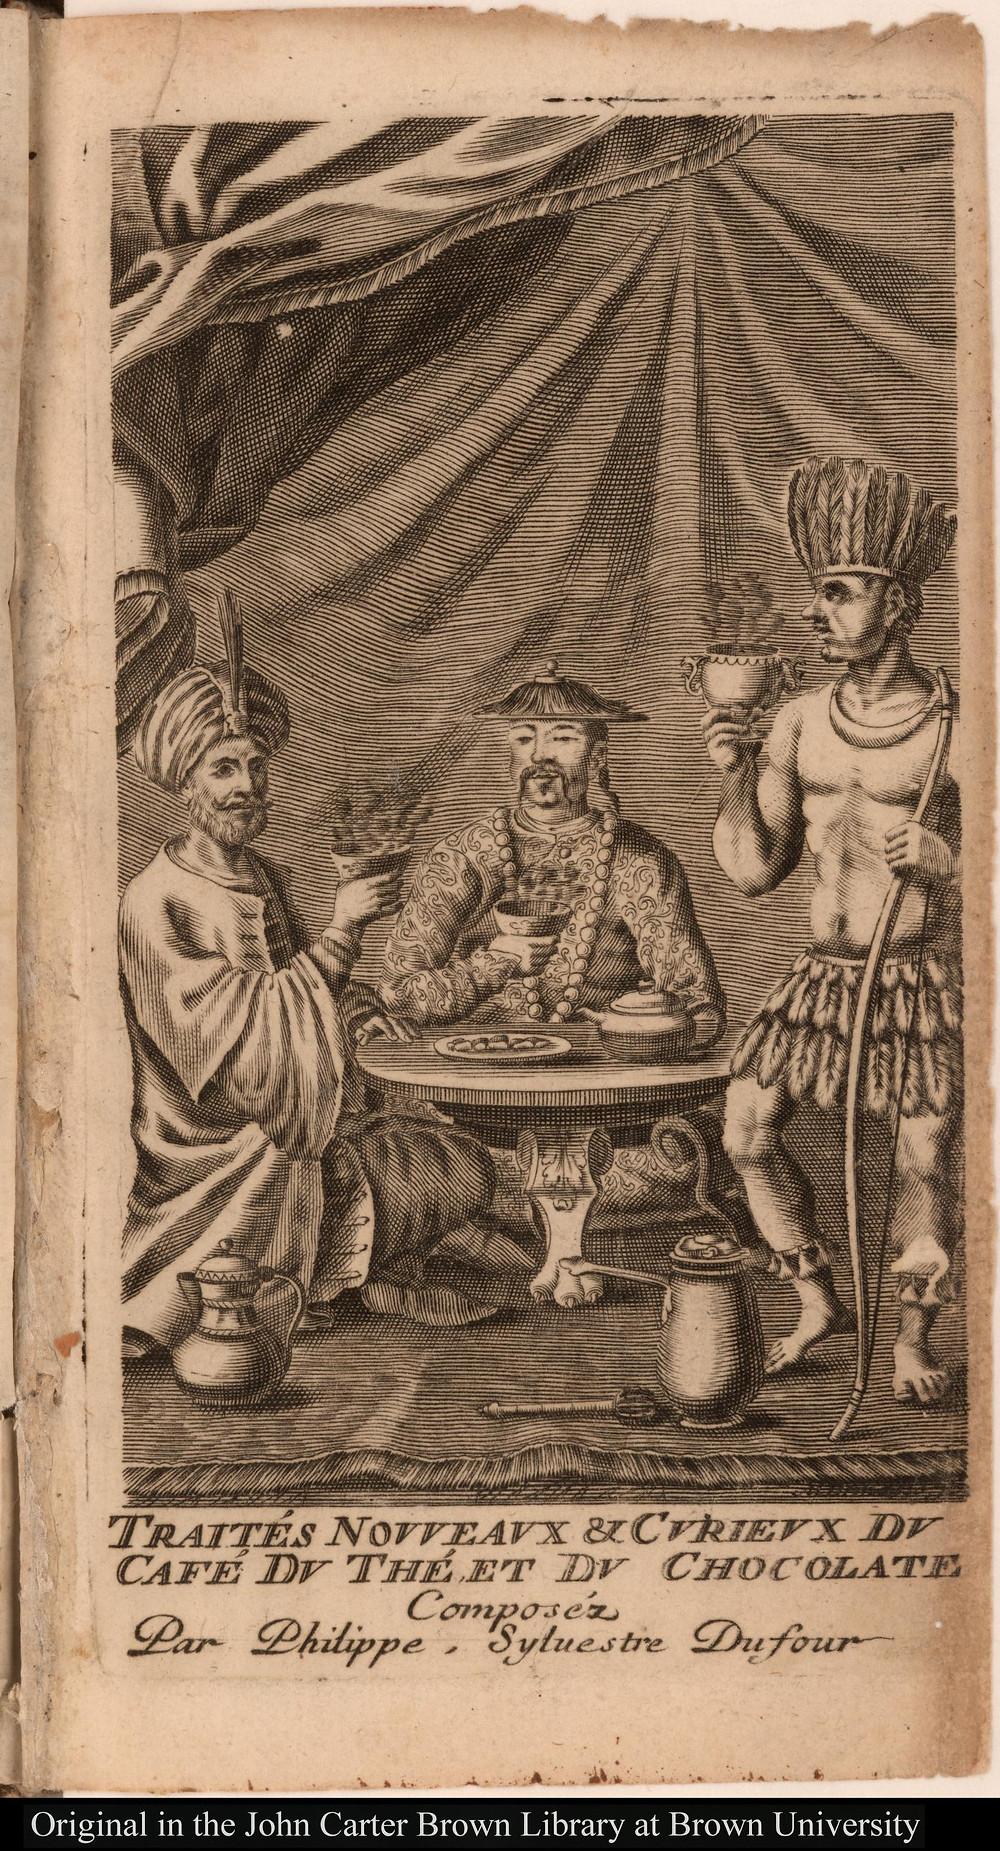 Dufour, Traitez nouveaux et curieux, 1685